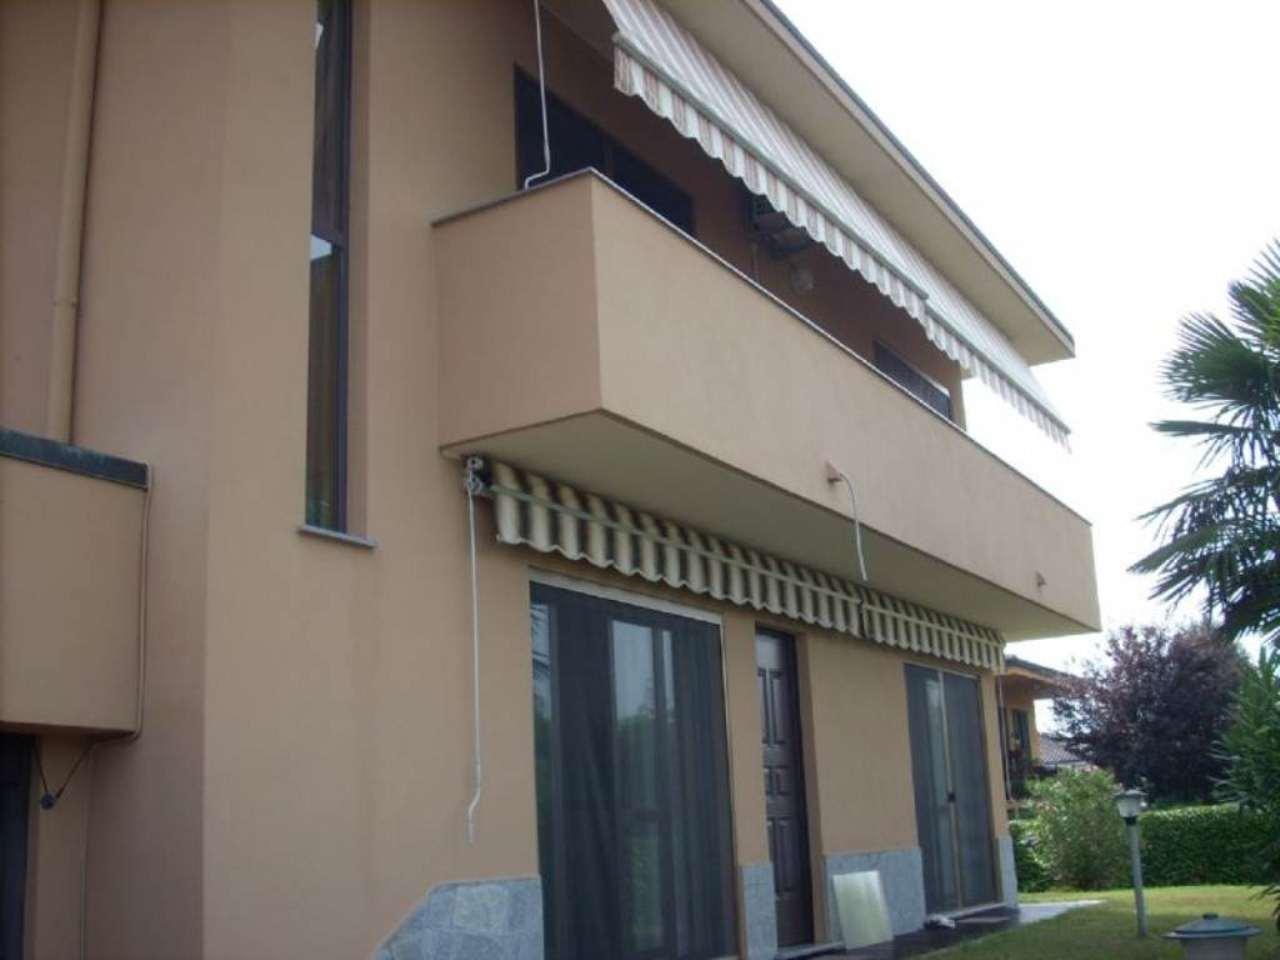 Villa in vendita a Turbigo, 4 locali, prezzo € 240.000 | Cambio Casa.it